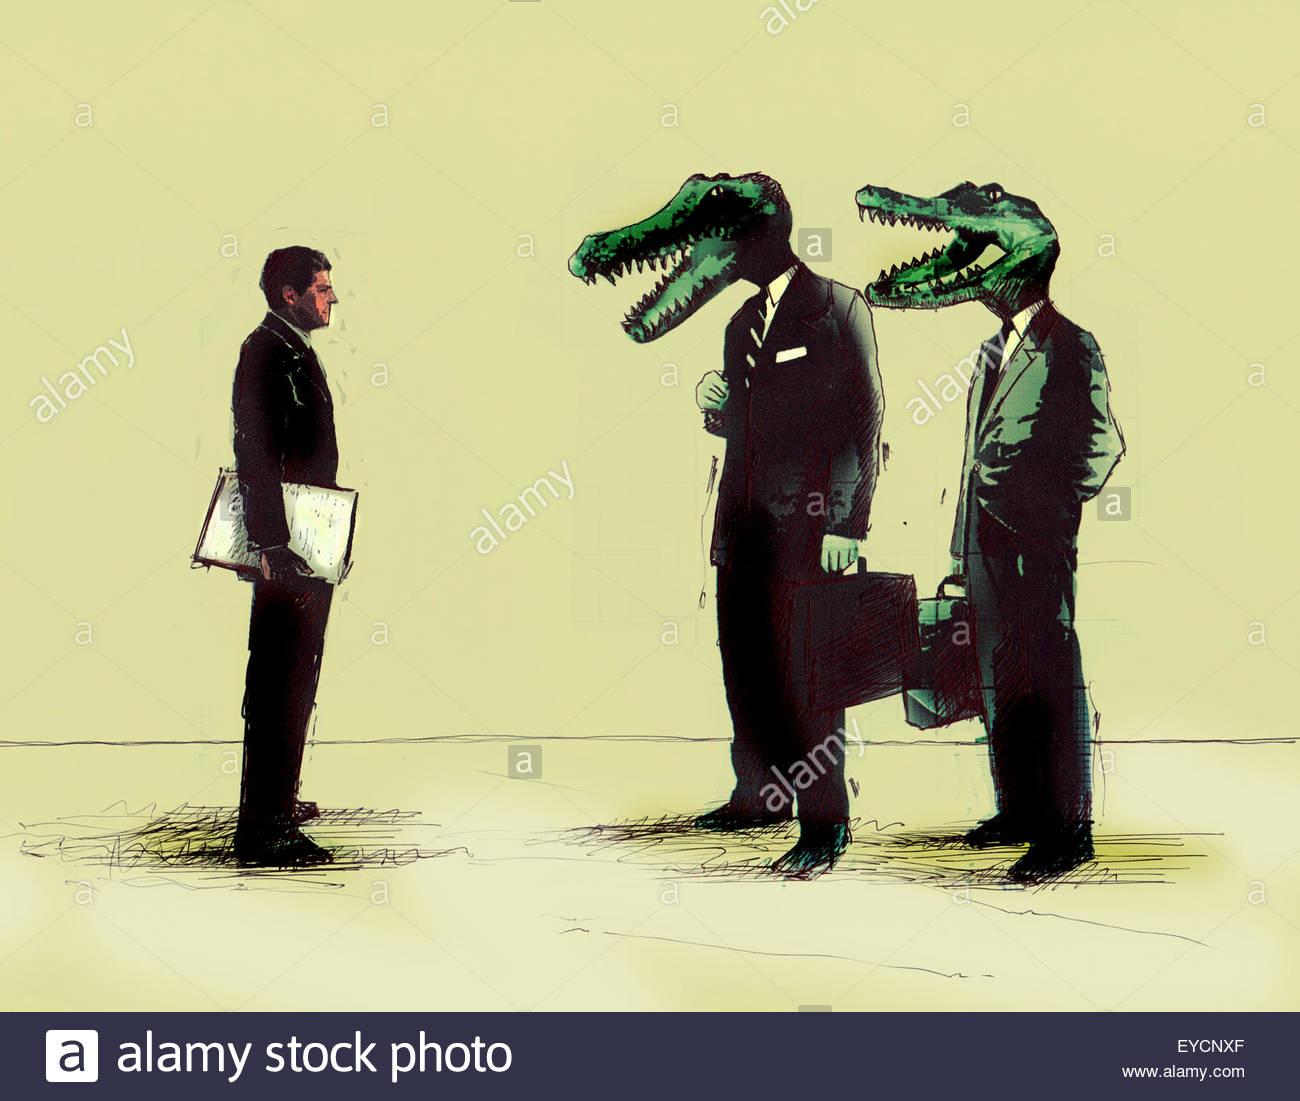 Unternehmer treffen Unternehmer mit Krokodilsköpfen Stockbild